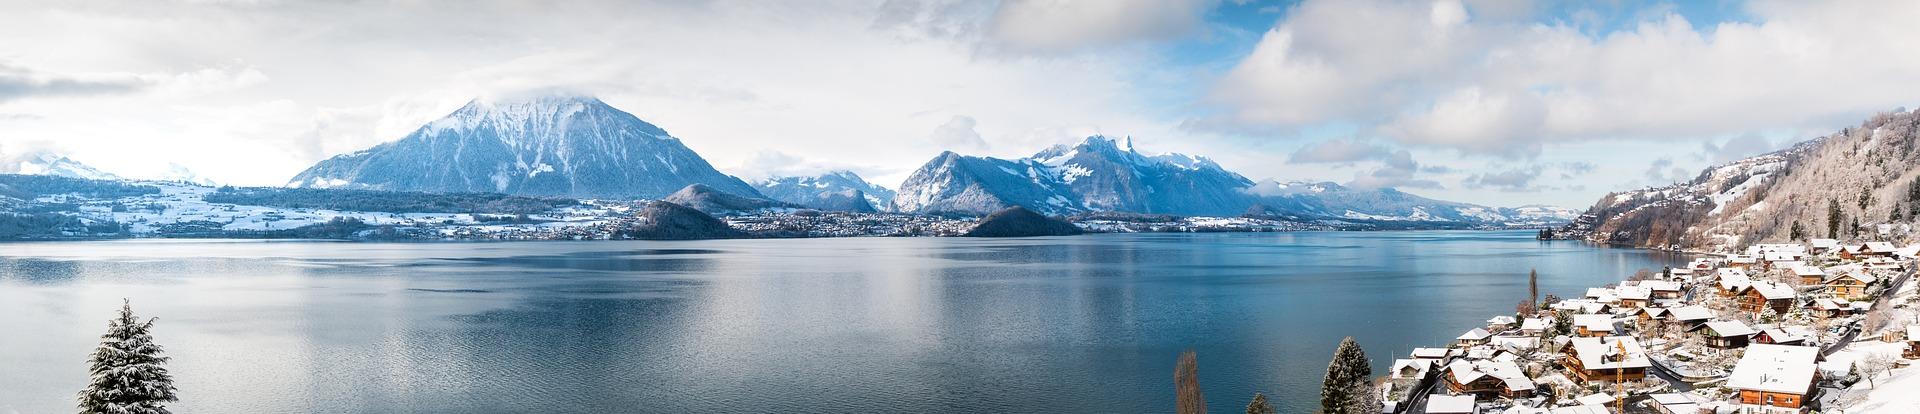 Avvento in Svizzera – Zurigo, Basilea, Lucerna, Berna, Losanna e Ginevra